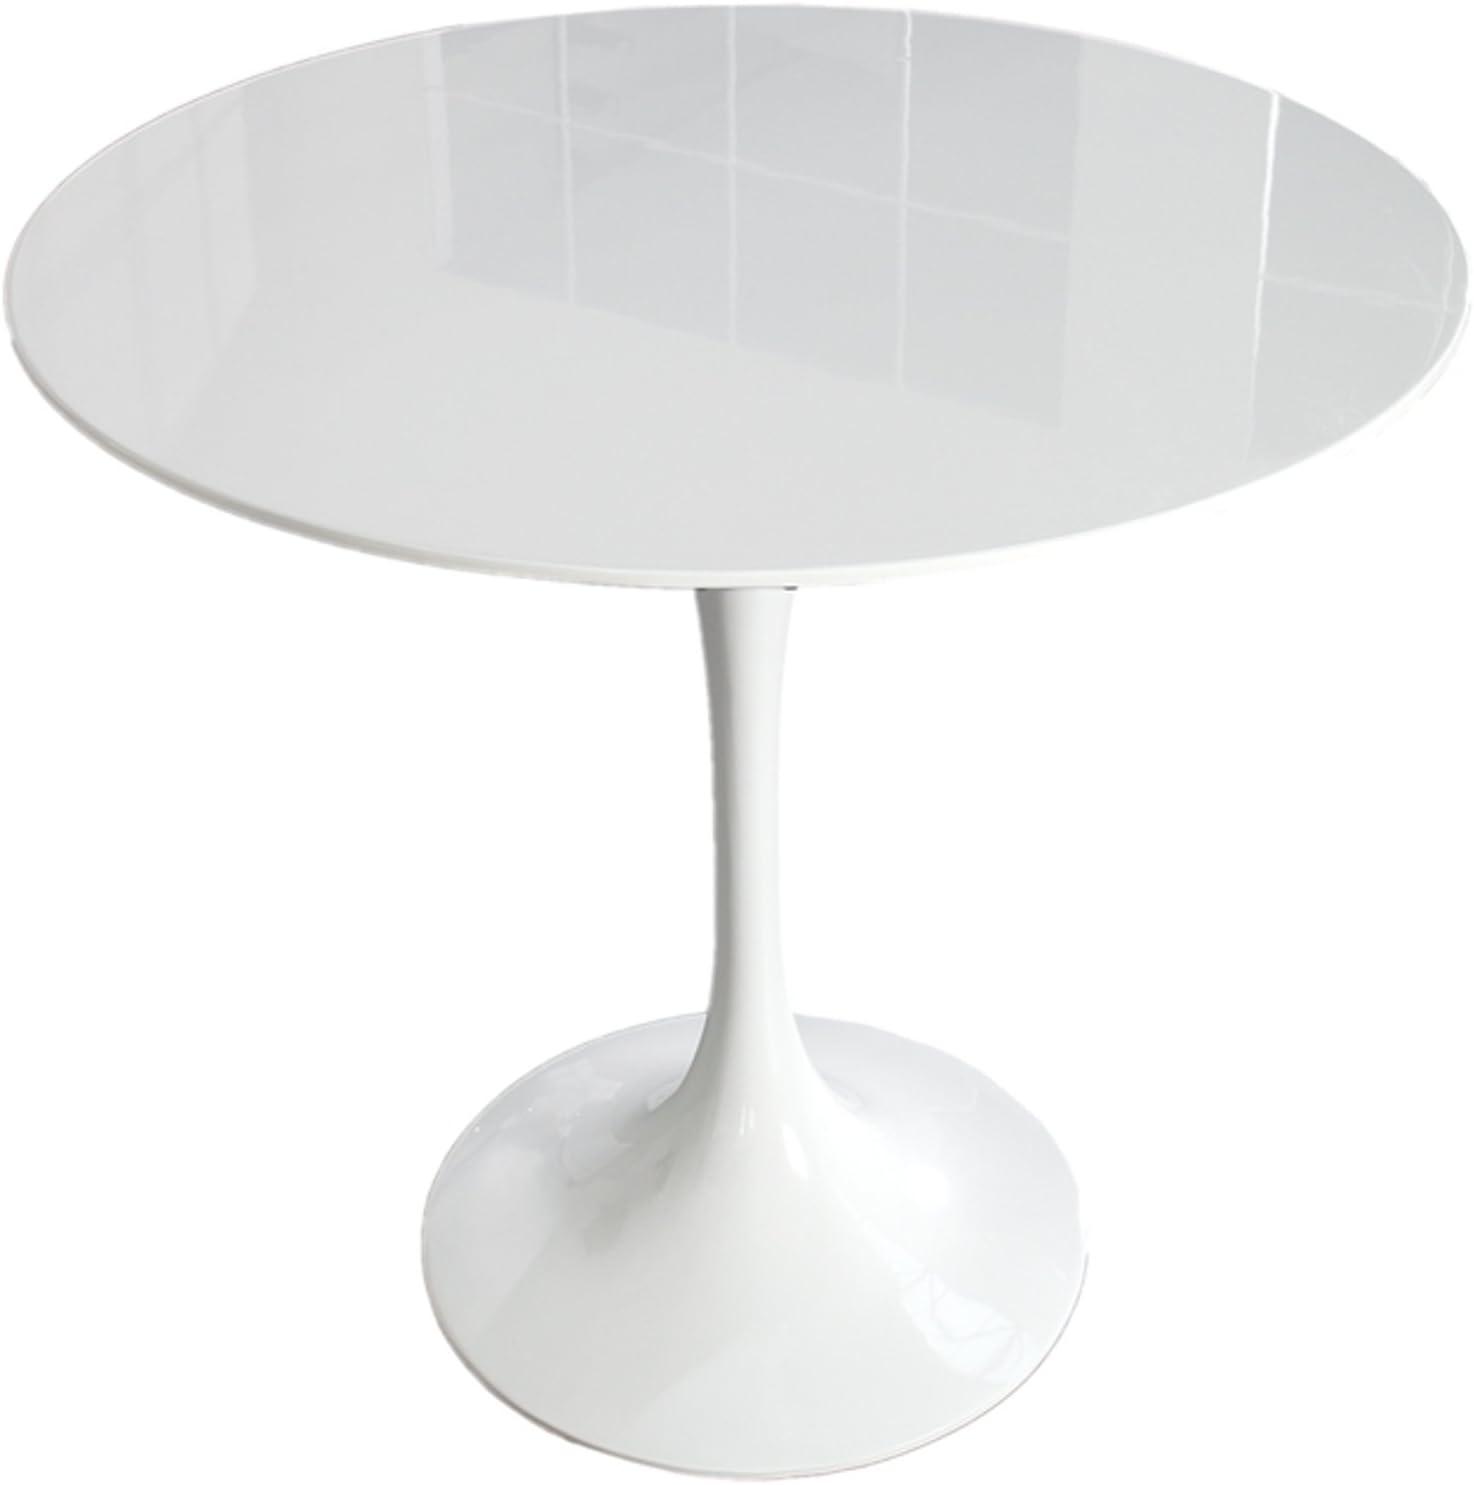 Invicta Interior Stylischer Esstisch SIGNUM 90cm rund aus Fiberglas weiß puristisch Tisch Hochglanz Küchentisch